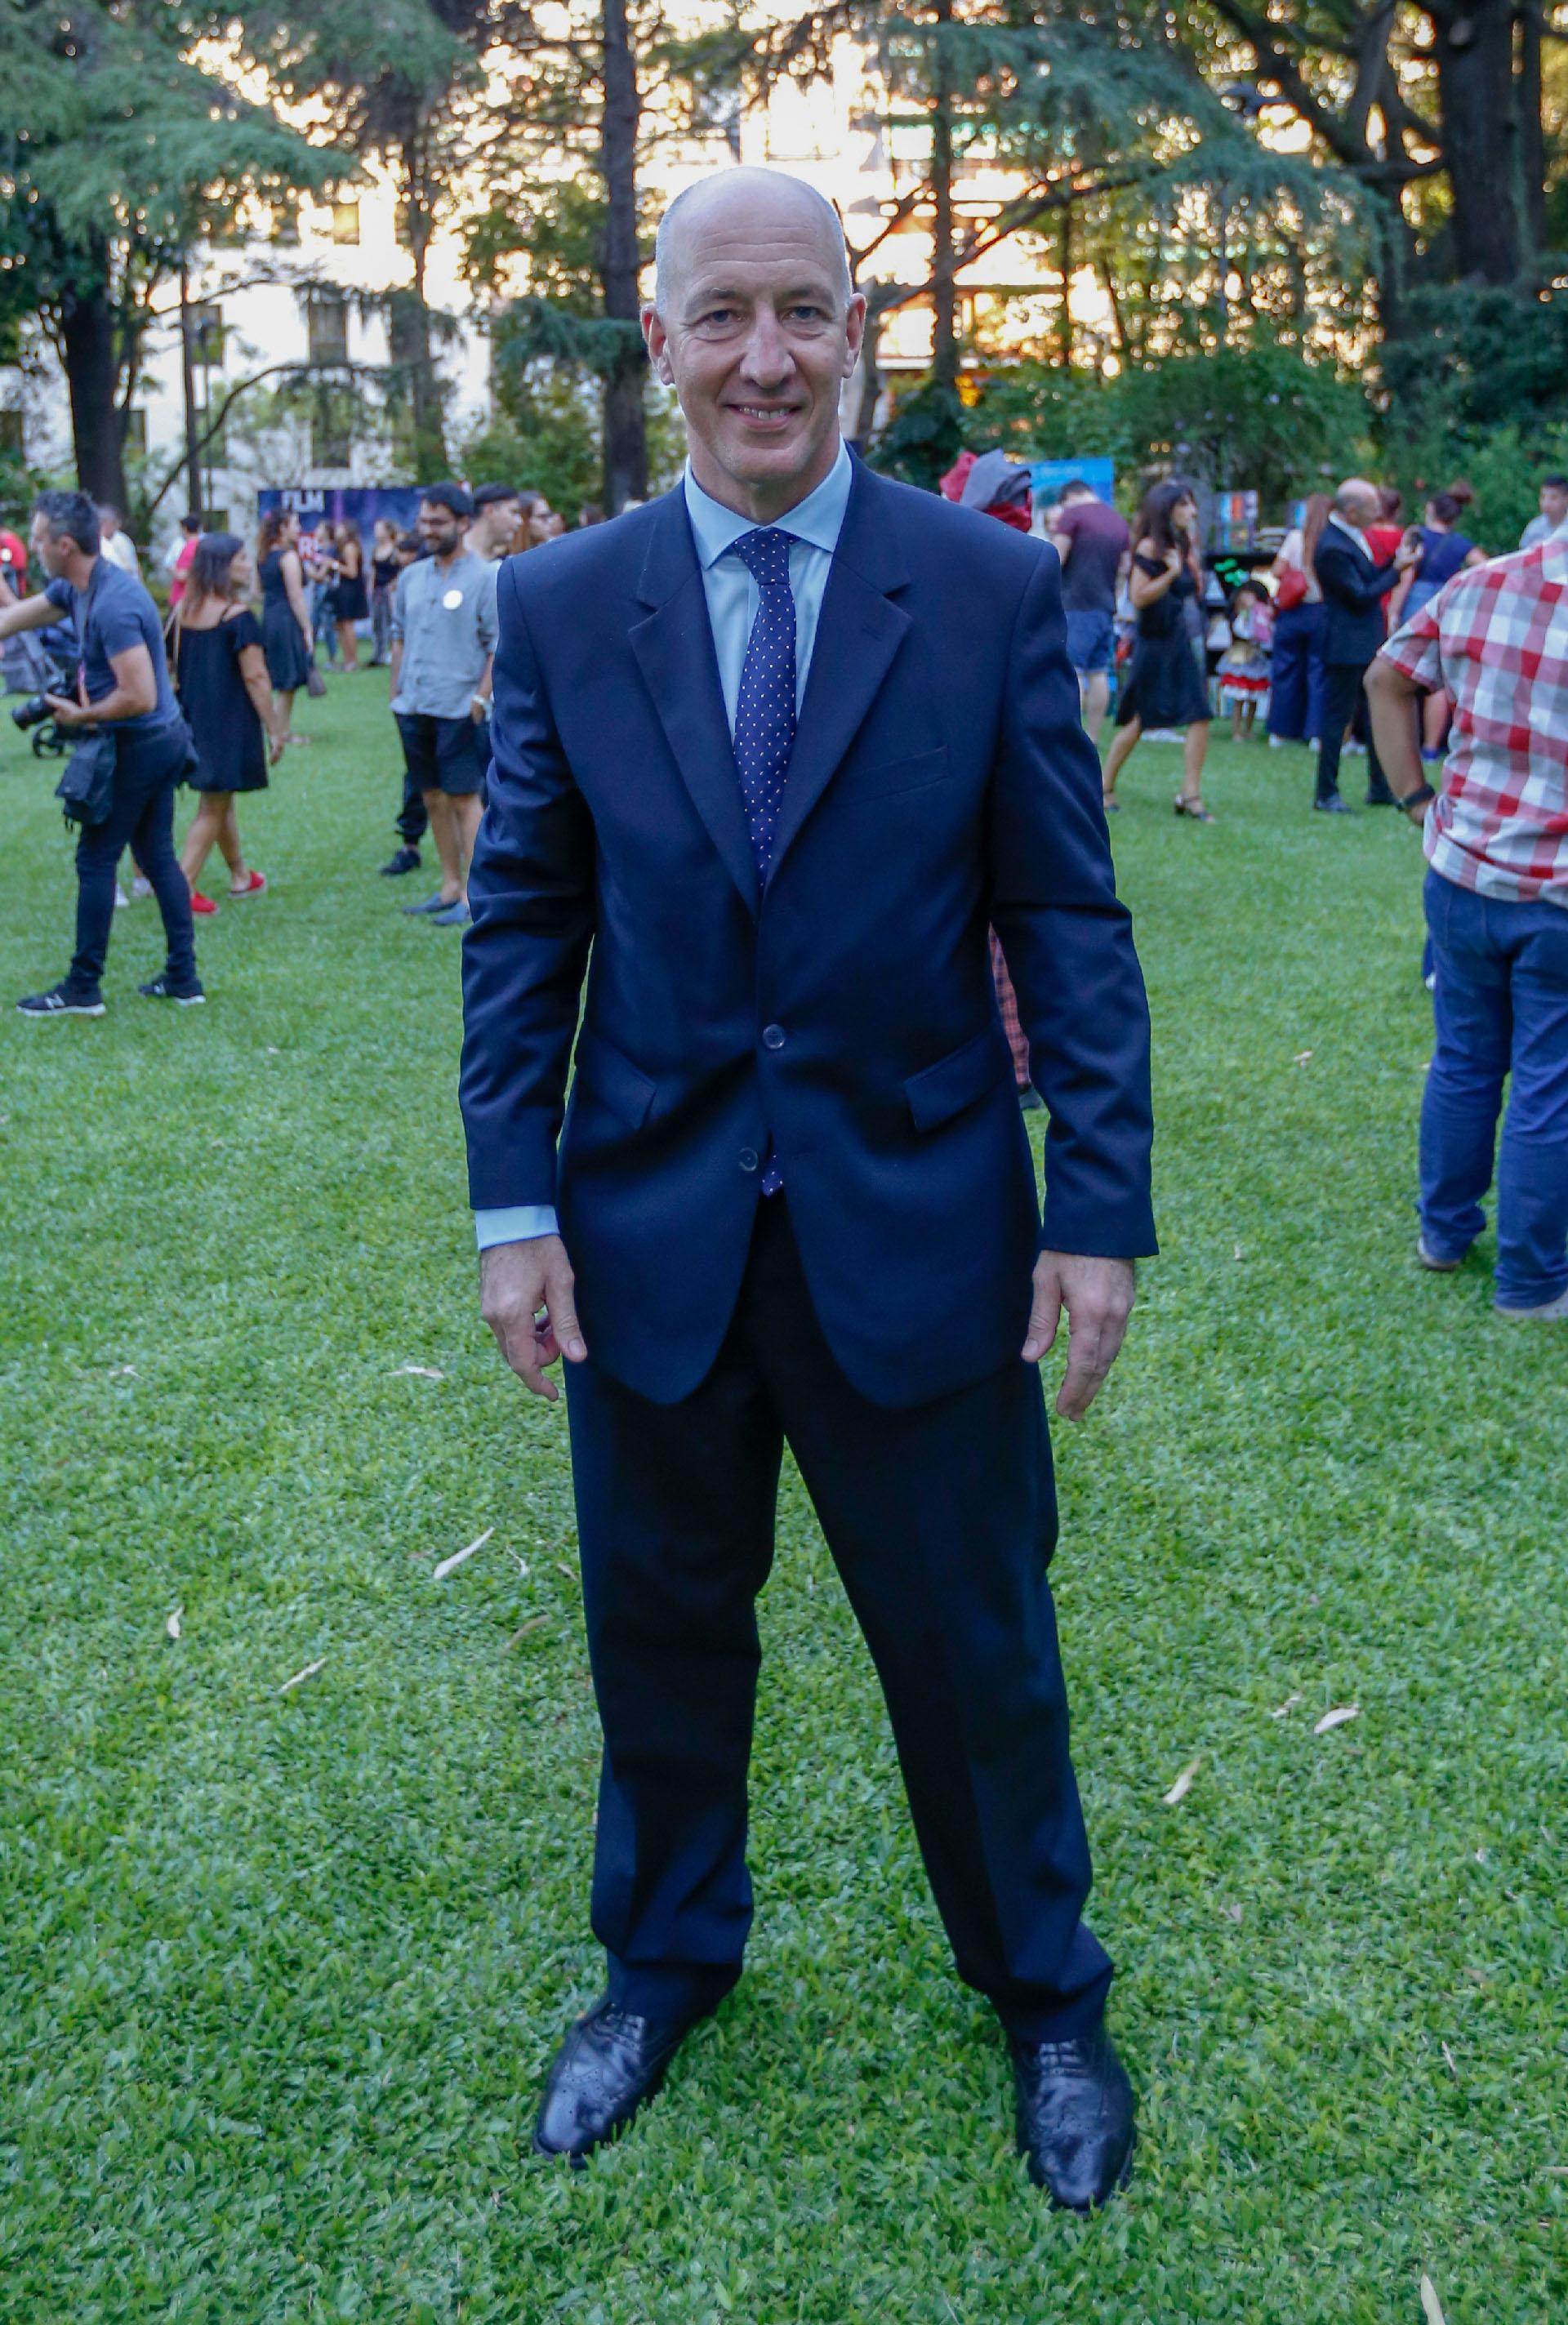 El embajador Mark Kent estuvo presente en los jardines y dialogó con los fanáticos de la saga